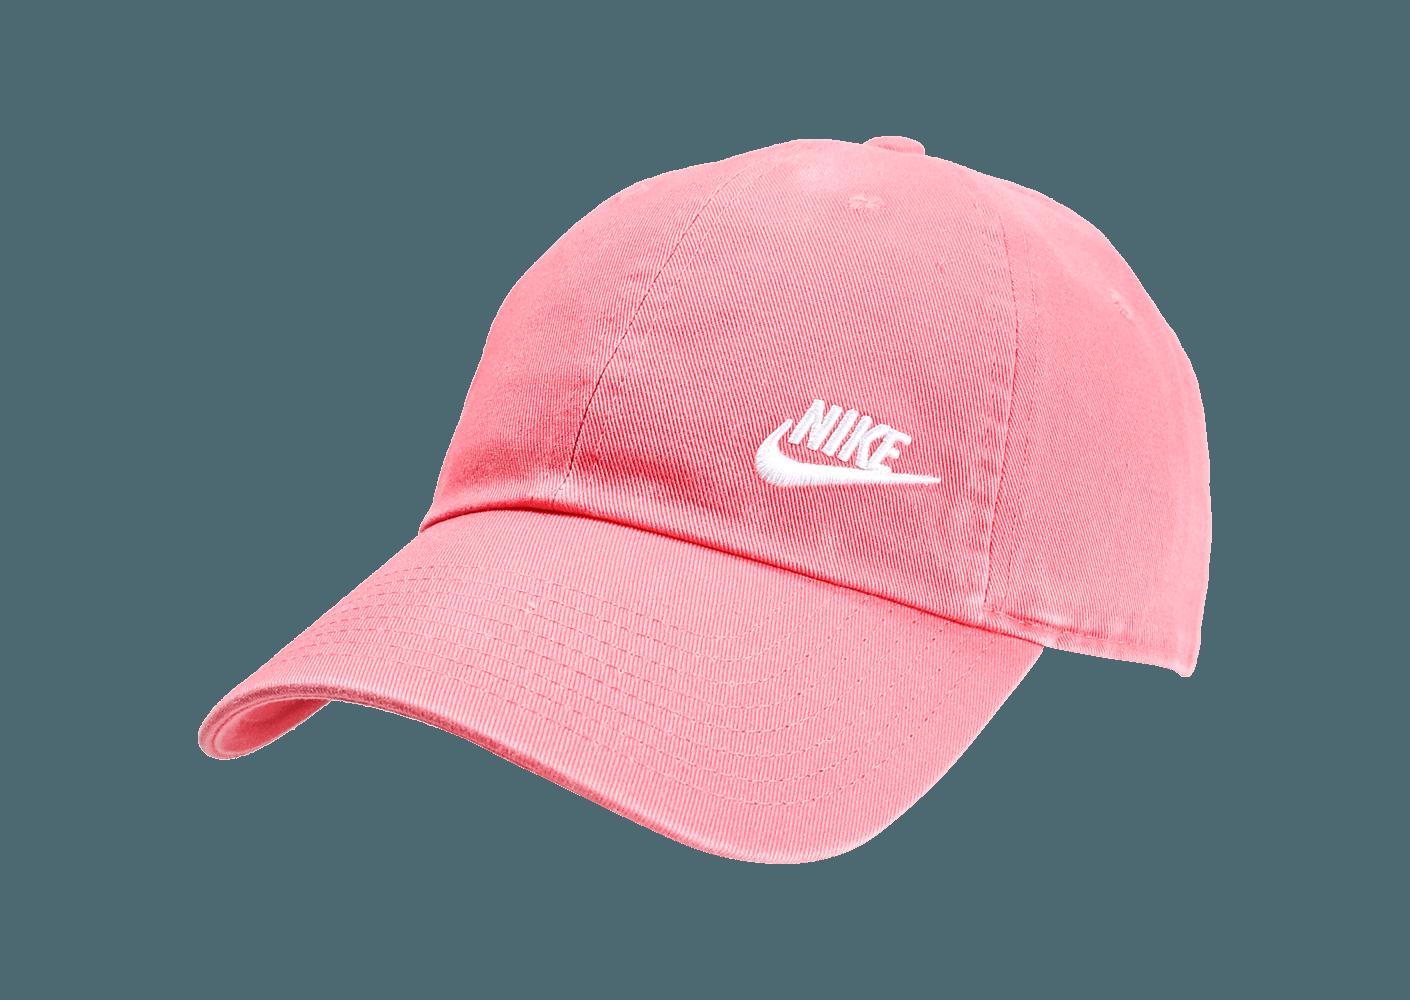 Acheter casquette nike rose pas cher